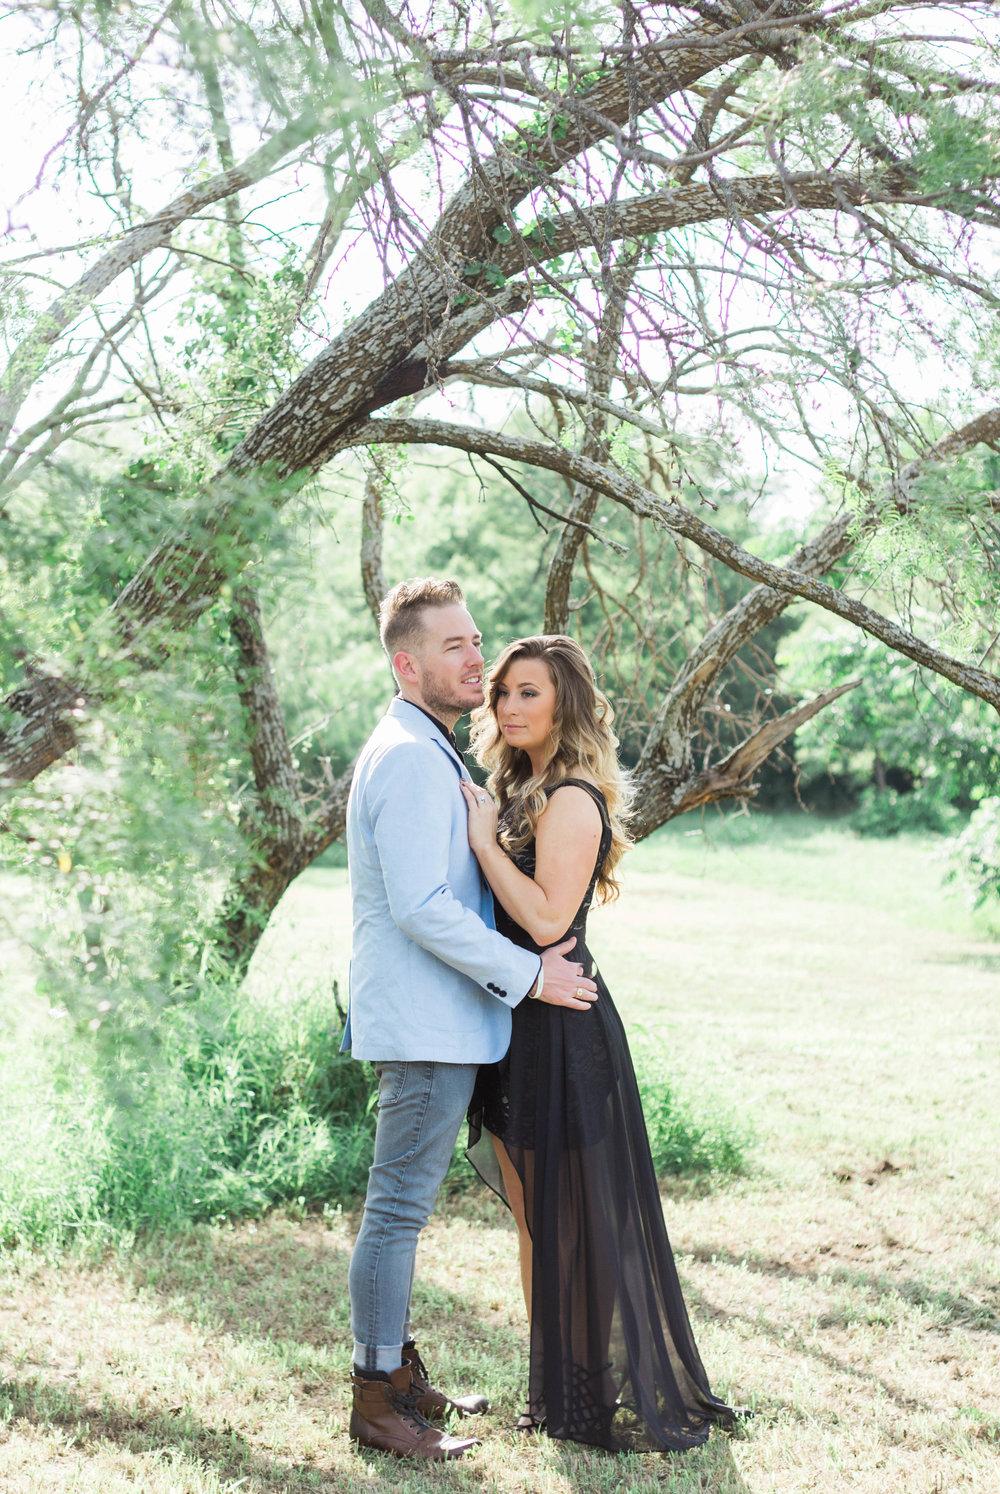 colorado springs denver estes park rocky mountain colorado elopement wedding engagement photographer photography